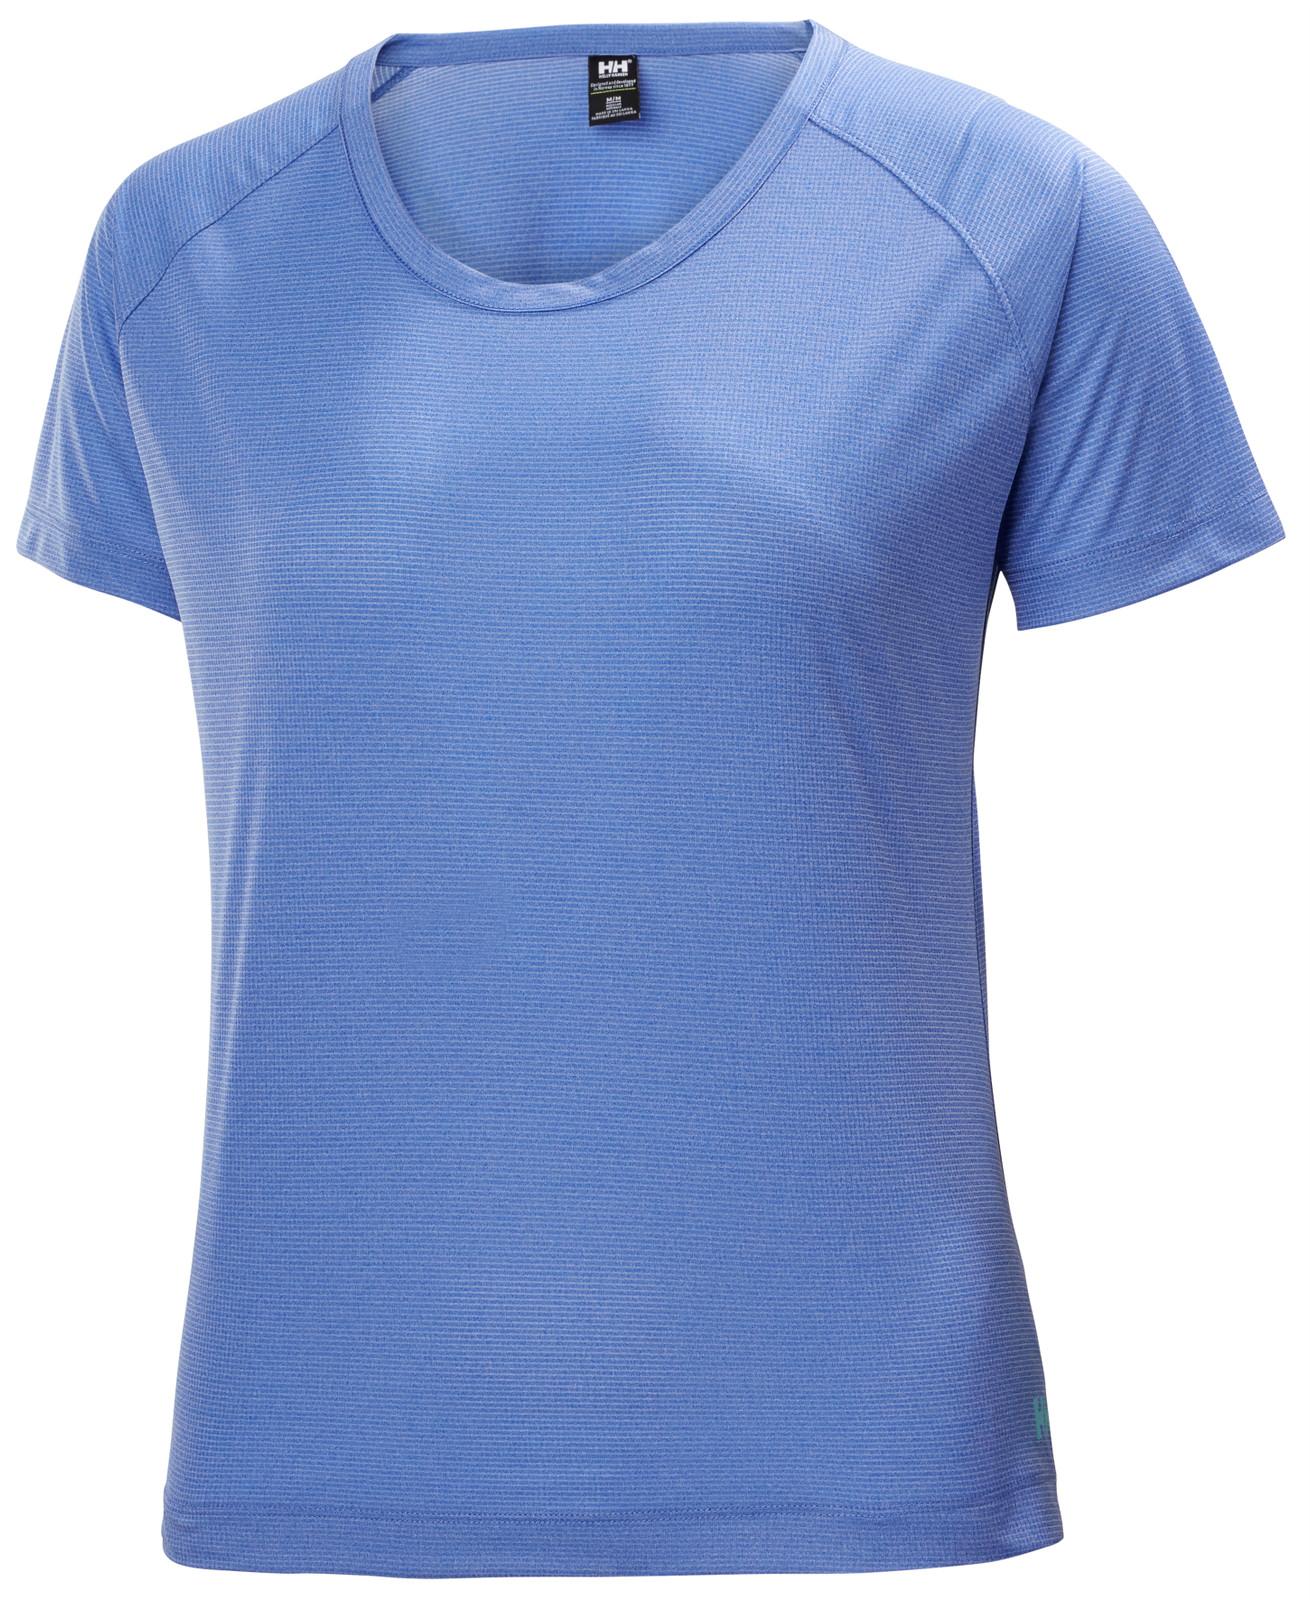 Helly Hansen Verglas Pace T-Shirt, Women's - Royal Blue, 62967-514